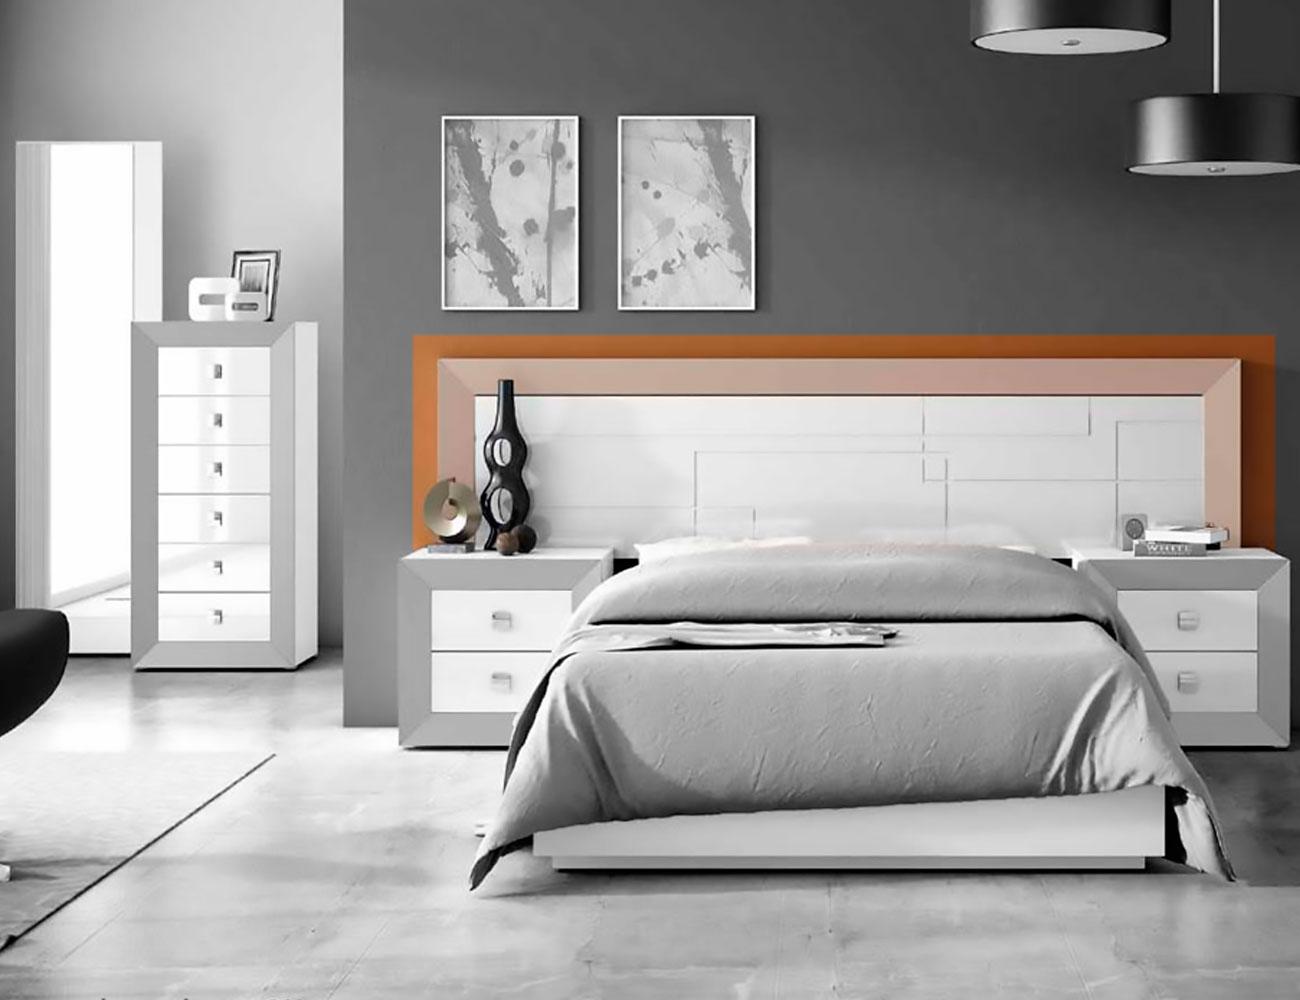 Cabecero cama matrimonio lacado 240 dormitorio 04